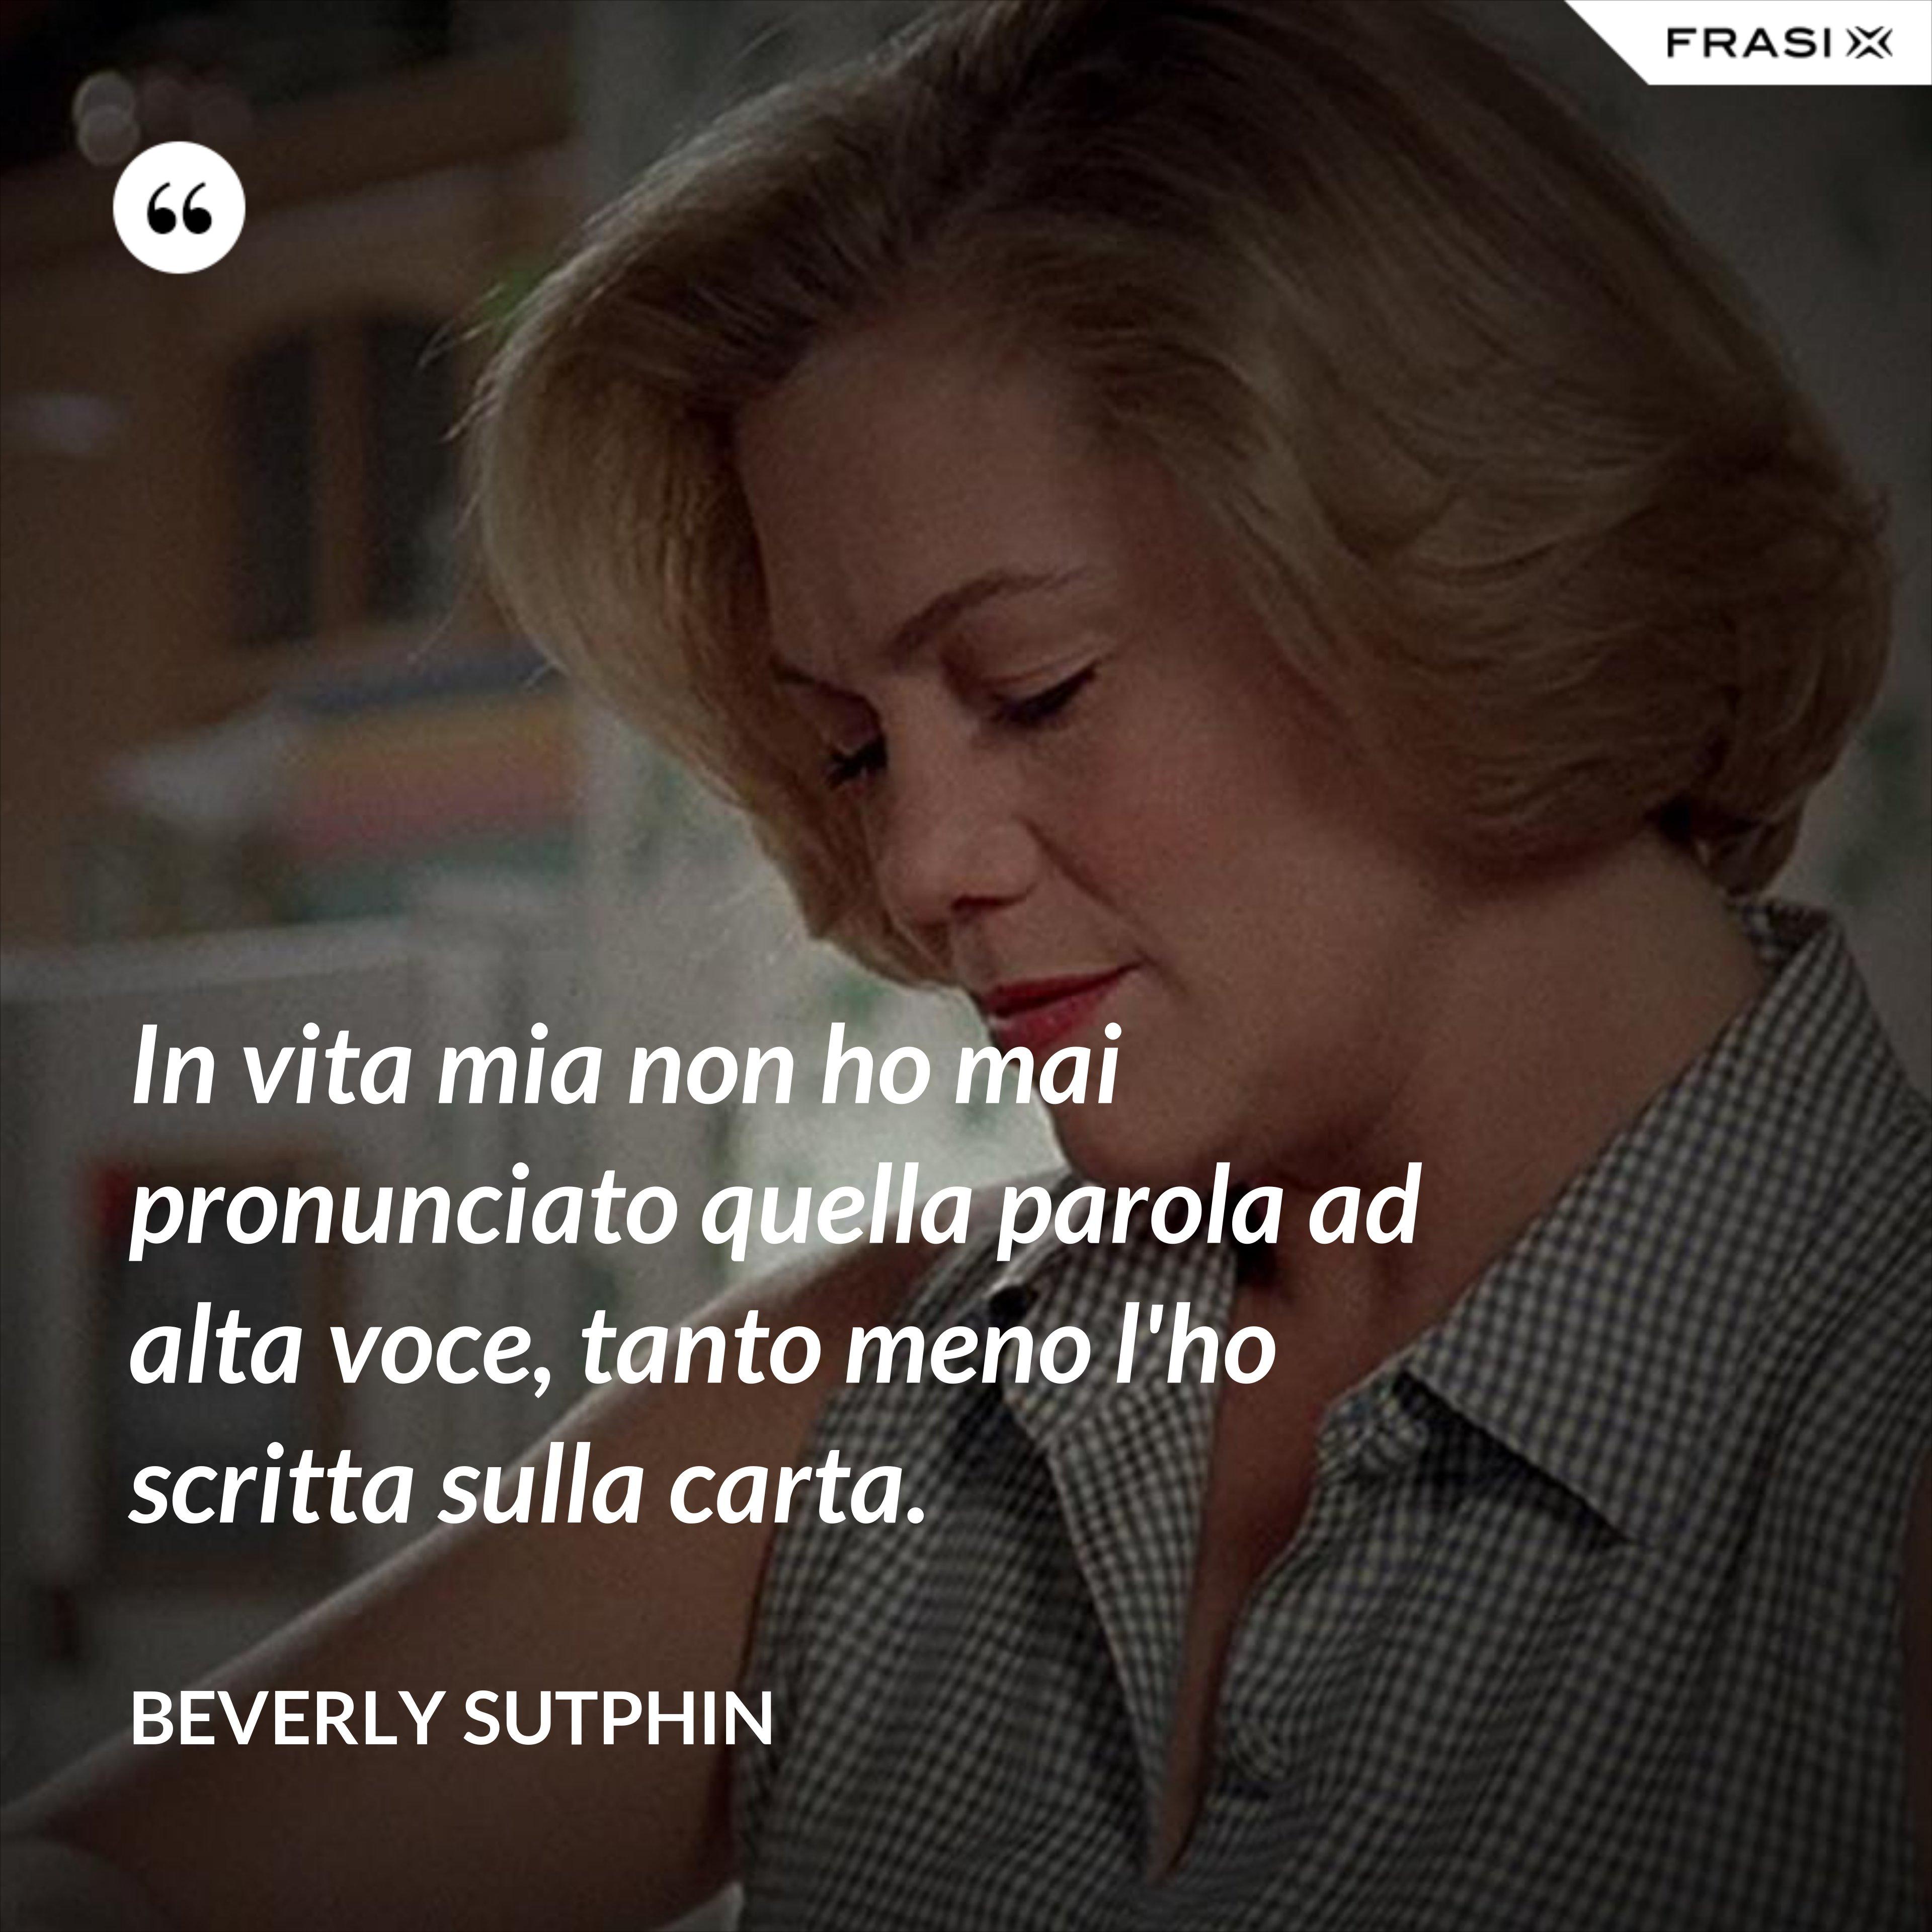 In vita mia non ho mai pronunciato quella parola ad alta voce, tanto meno l'ho scritta sulla carta. - Beverly Sutphin